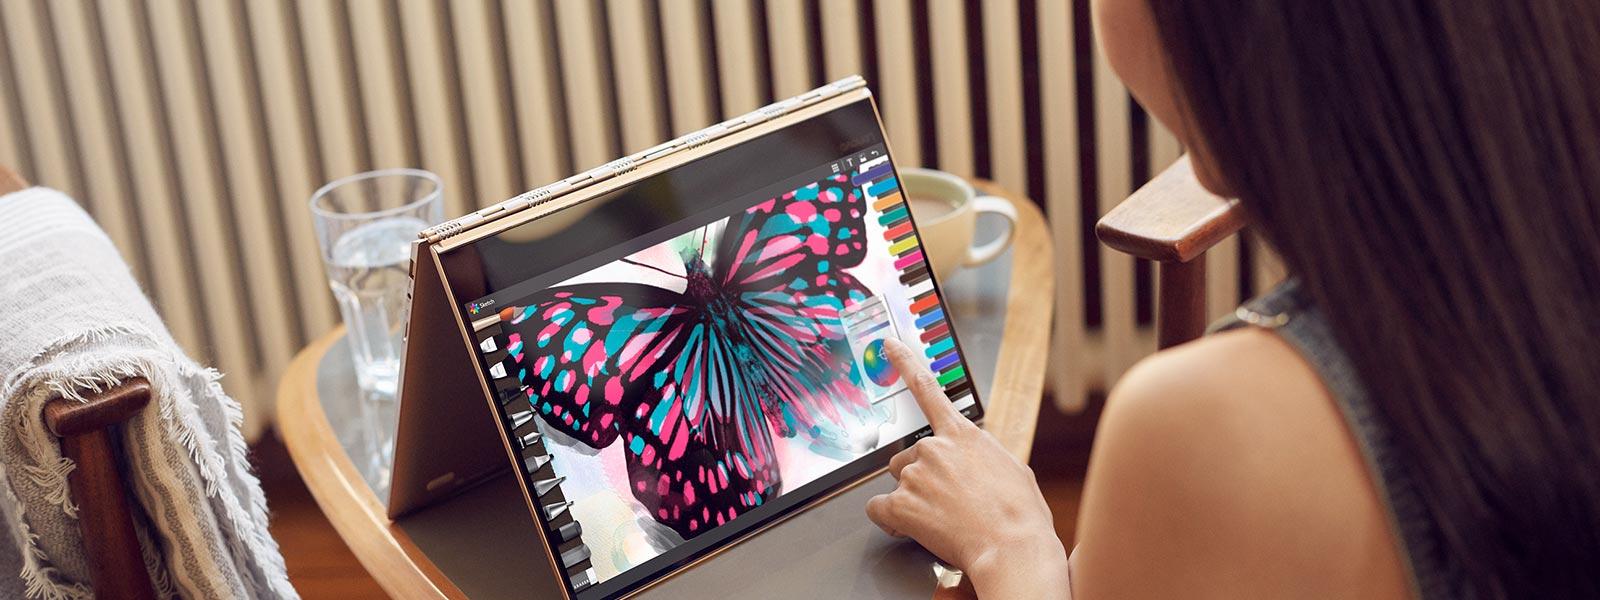 Femme utilisant l'écran tactile d'un Lenovo YOGA910